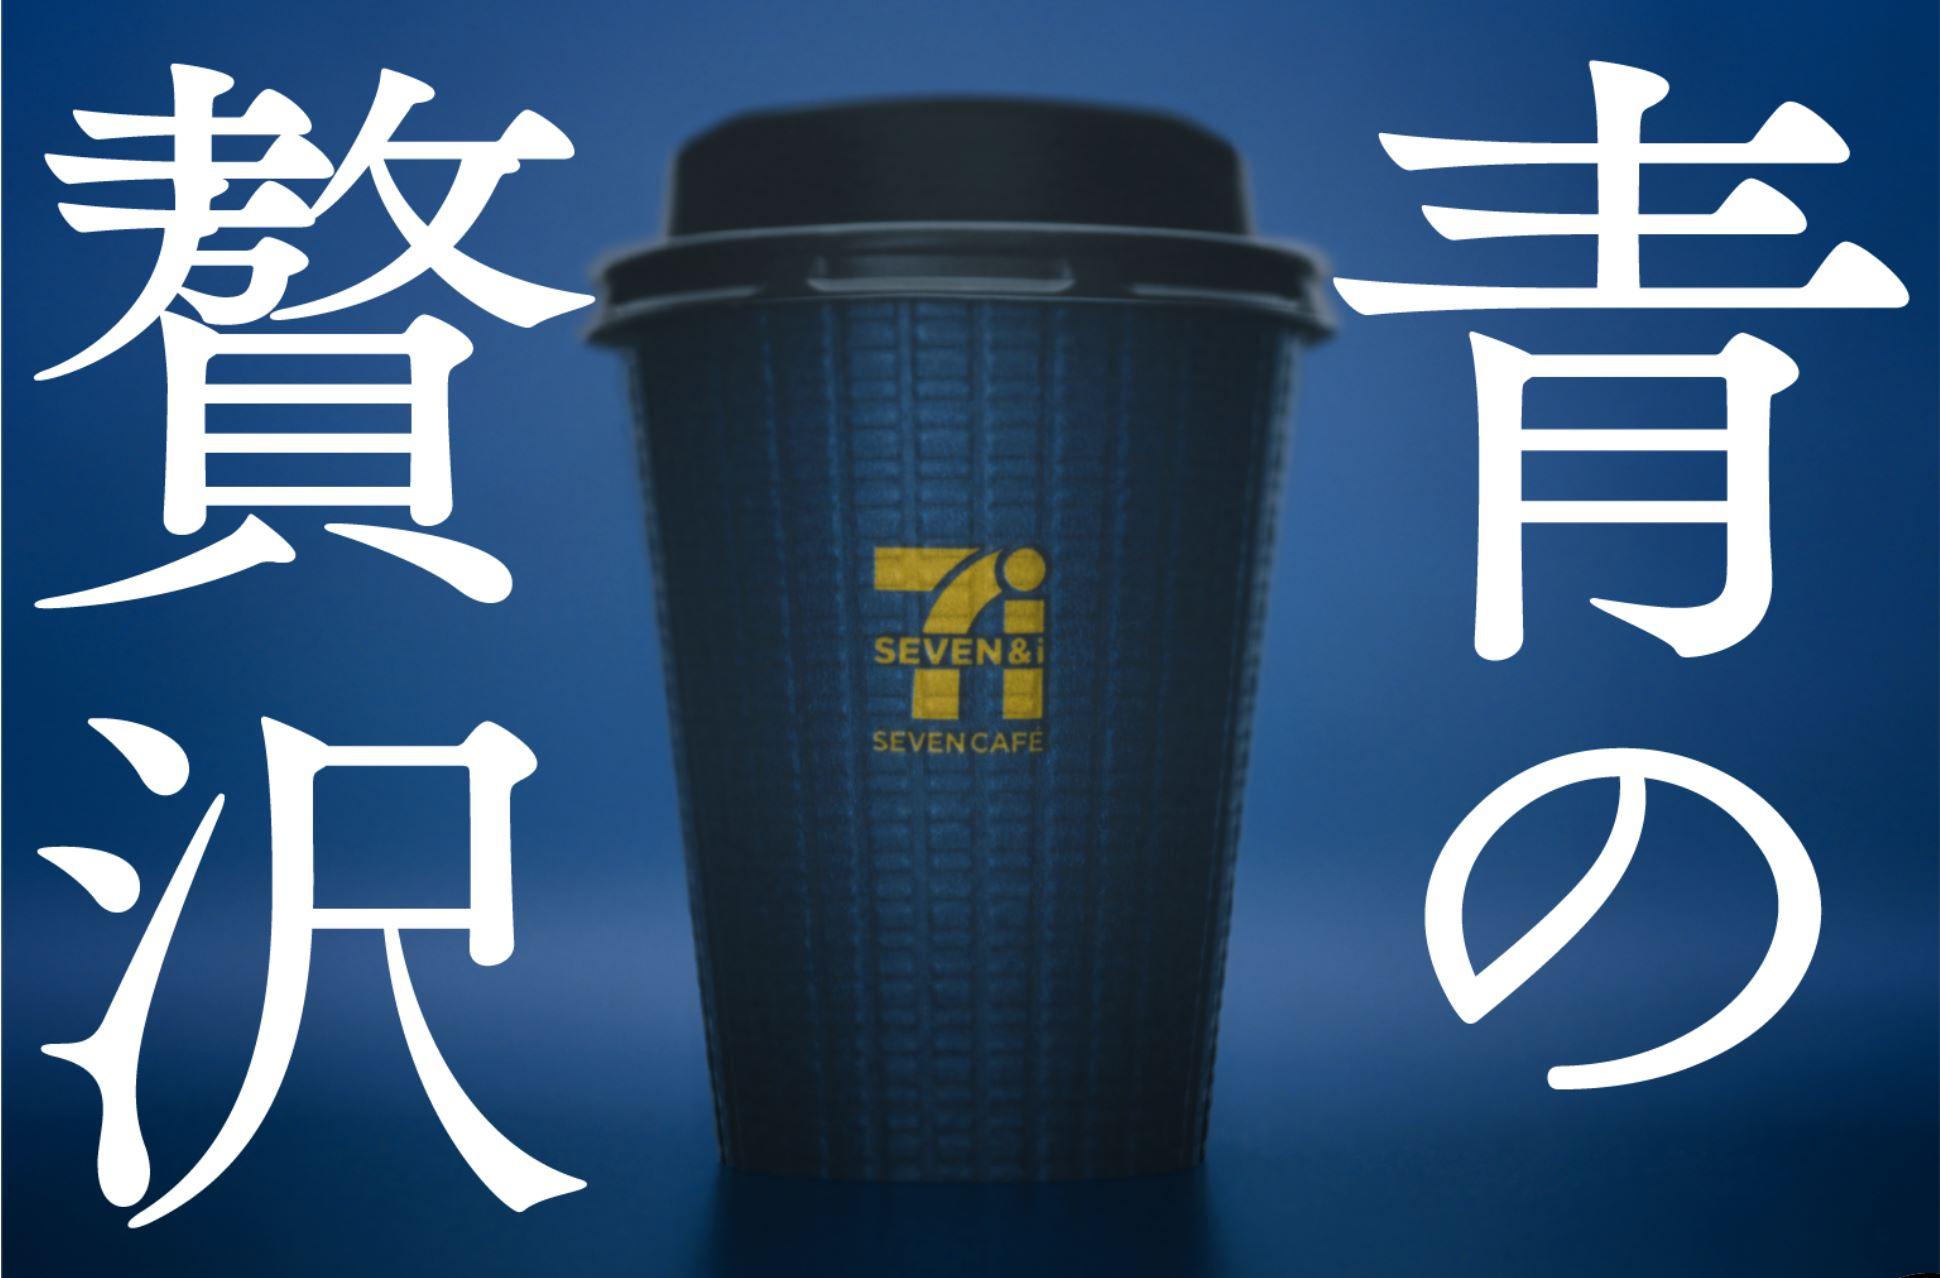 【青の贅沢】セブンイレブンに高級志向のコーヒーが登場。さっそく飲んでみた